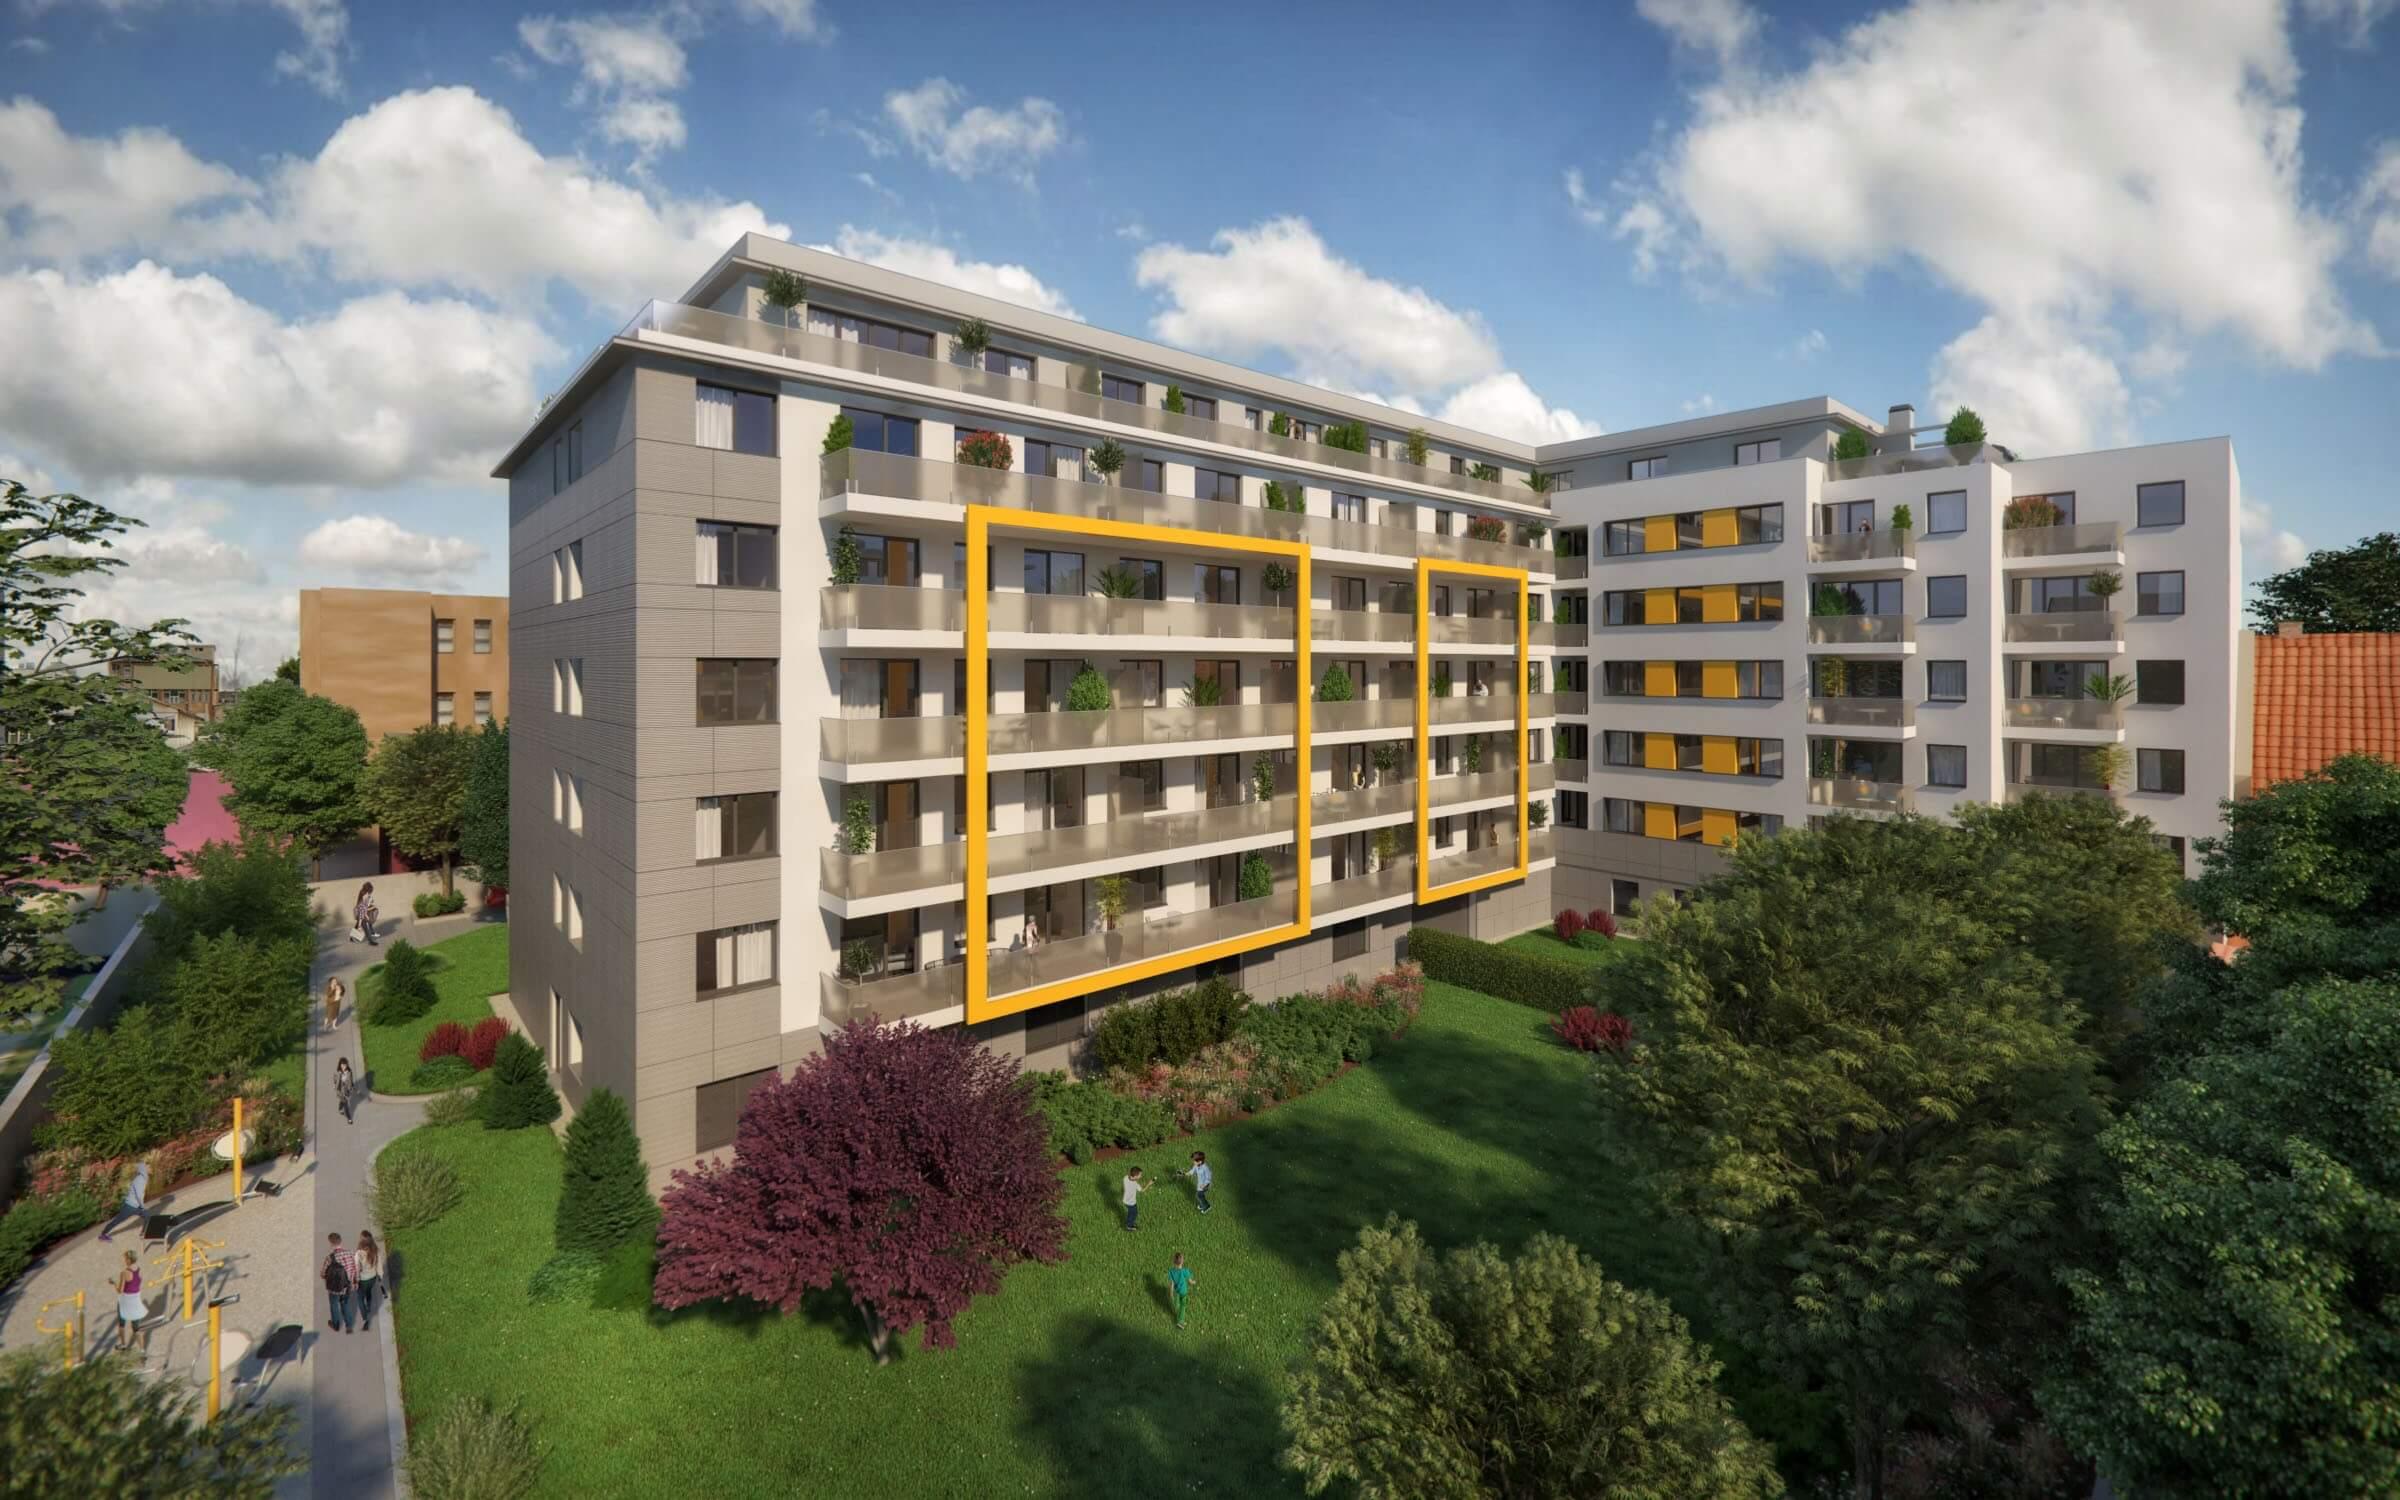 105 új lakással gazdagodik Angyalföld